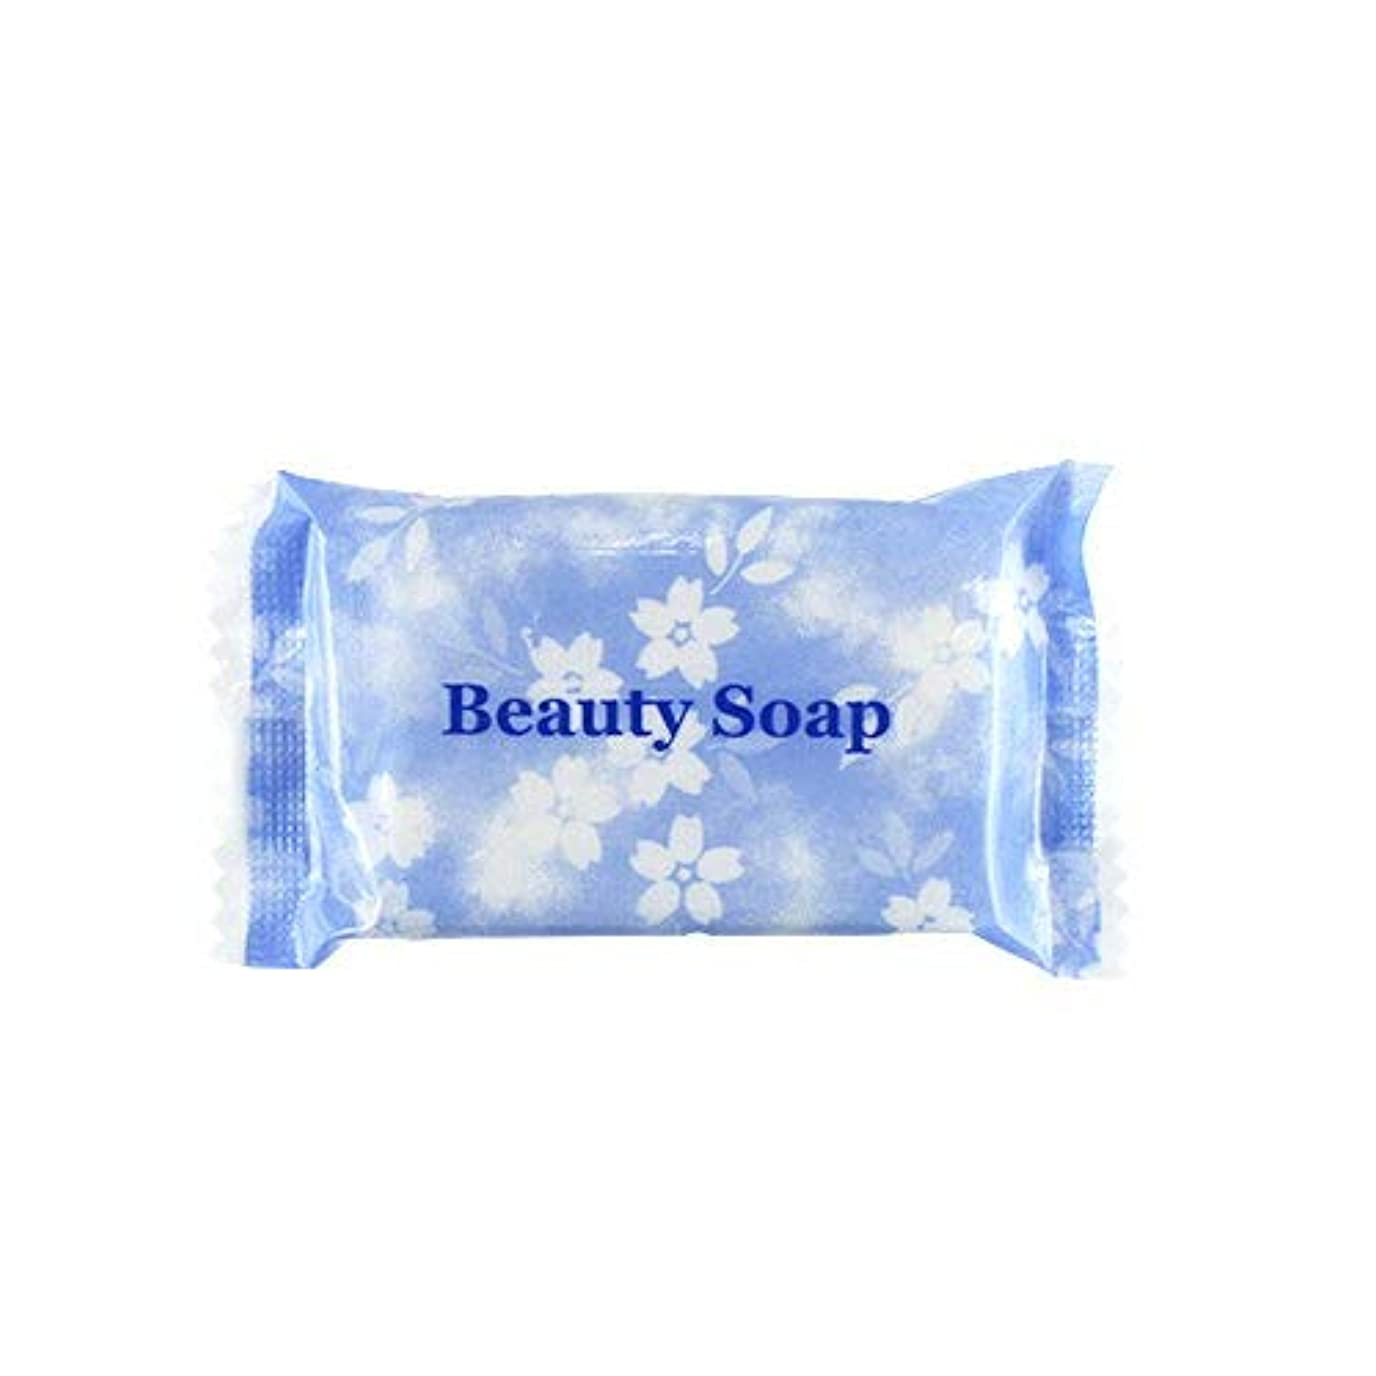 置換軸キャンセル業務用 クロバーコーポレーション ビューティーソープ(Beauty Soap) 15g×40個セット | ホテルアメニティ 個包装